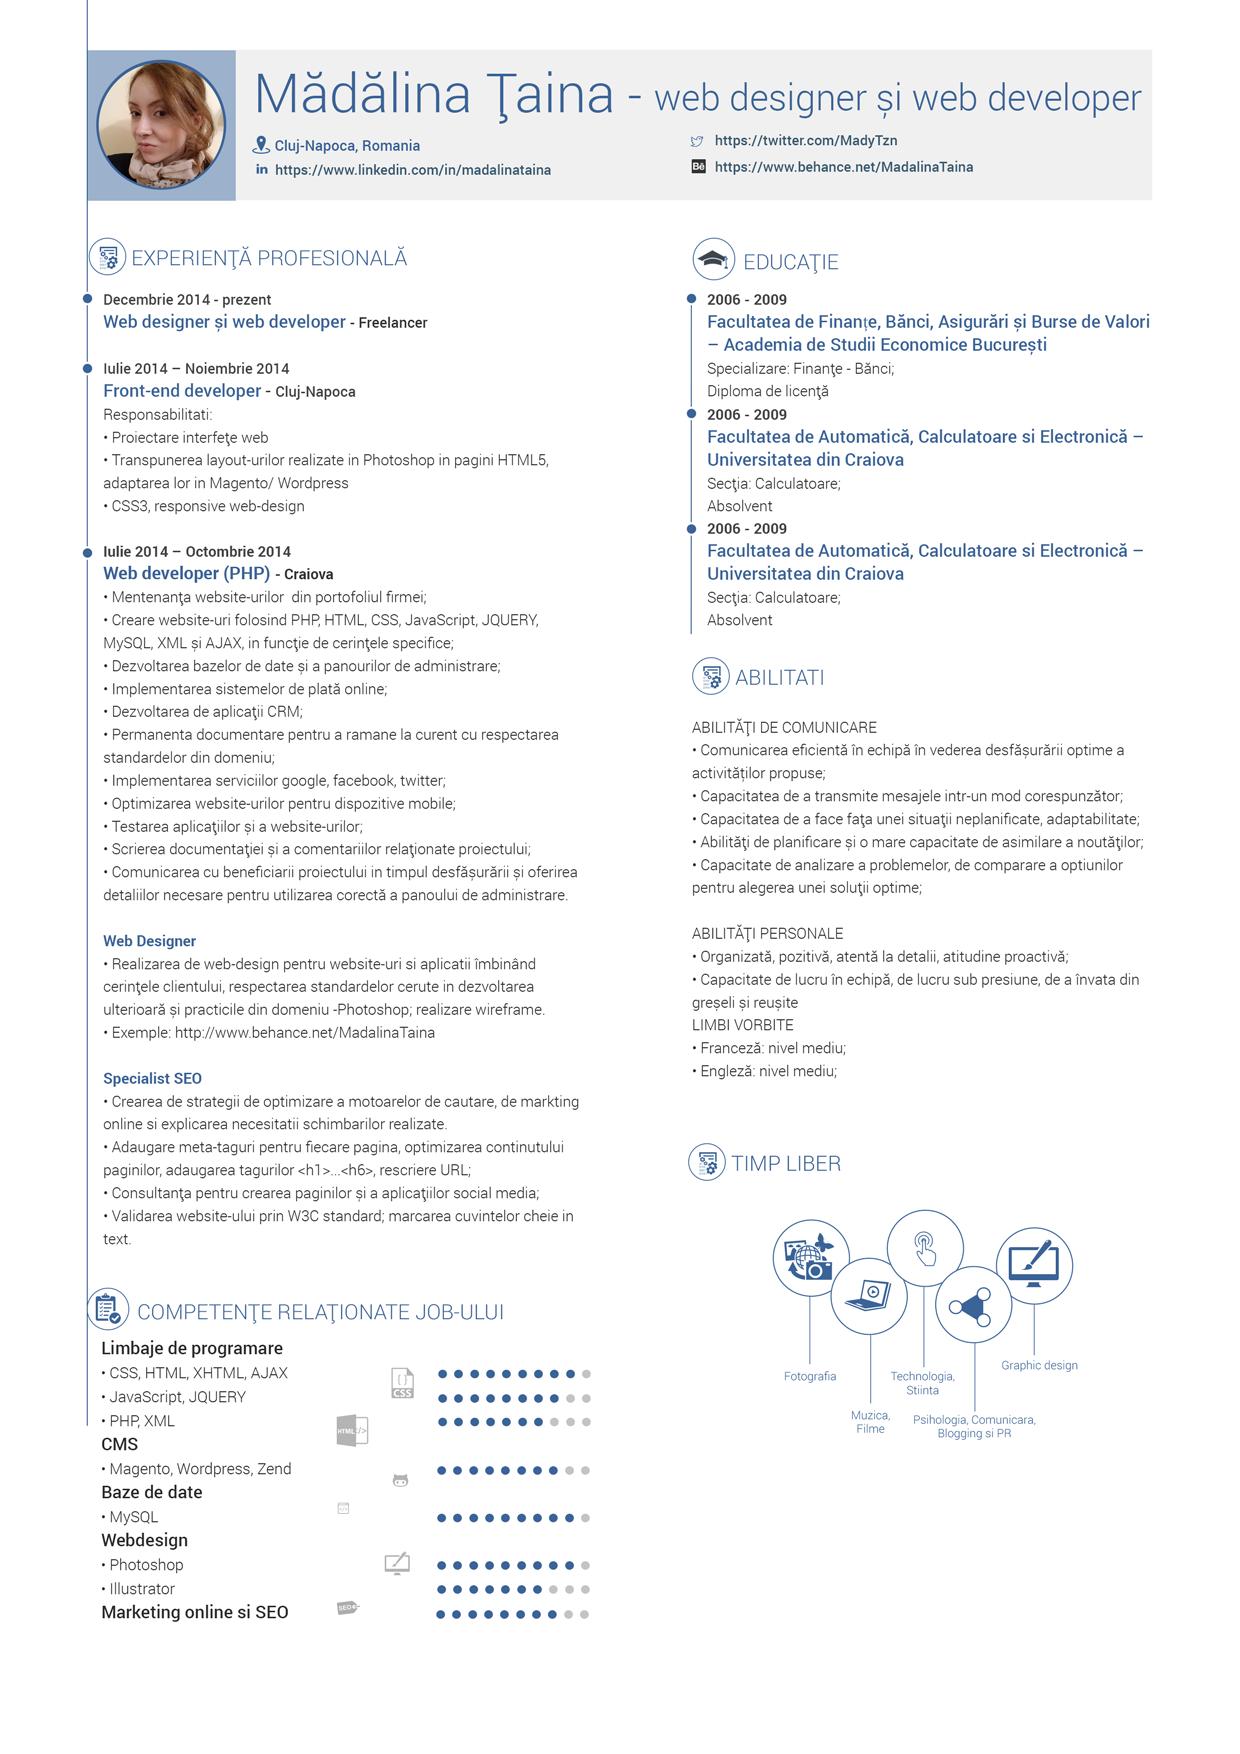 My resume https://www.behance.net/gallery/22089465/My-Resume